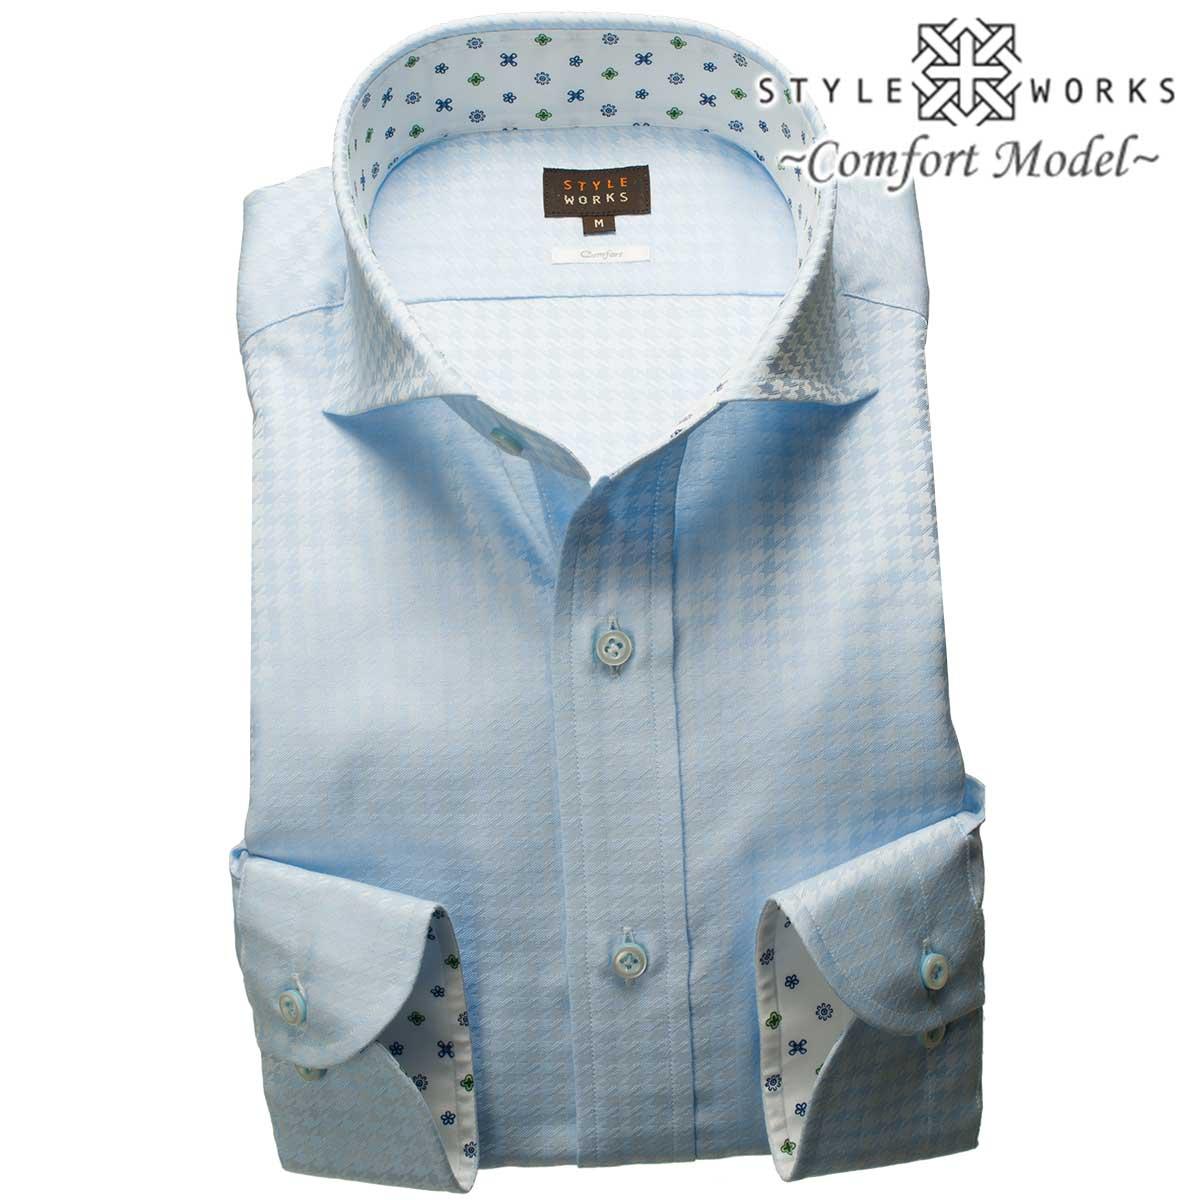 1805 国産コットンドレスシャツ 綿100 コンフォート スカイブルージャガード千鳥格子 カッタウェイワイドカラーメンズ fs3gm